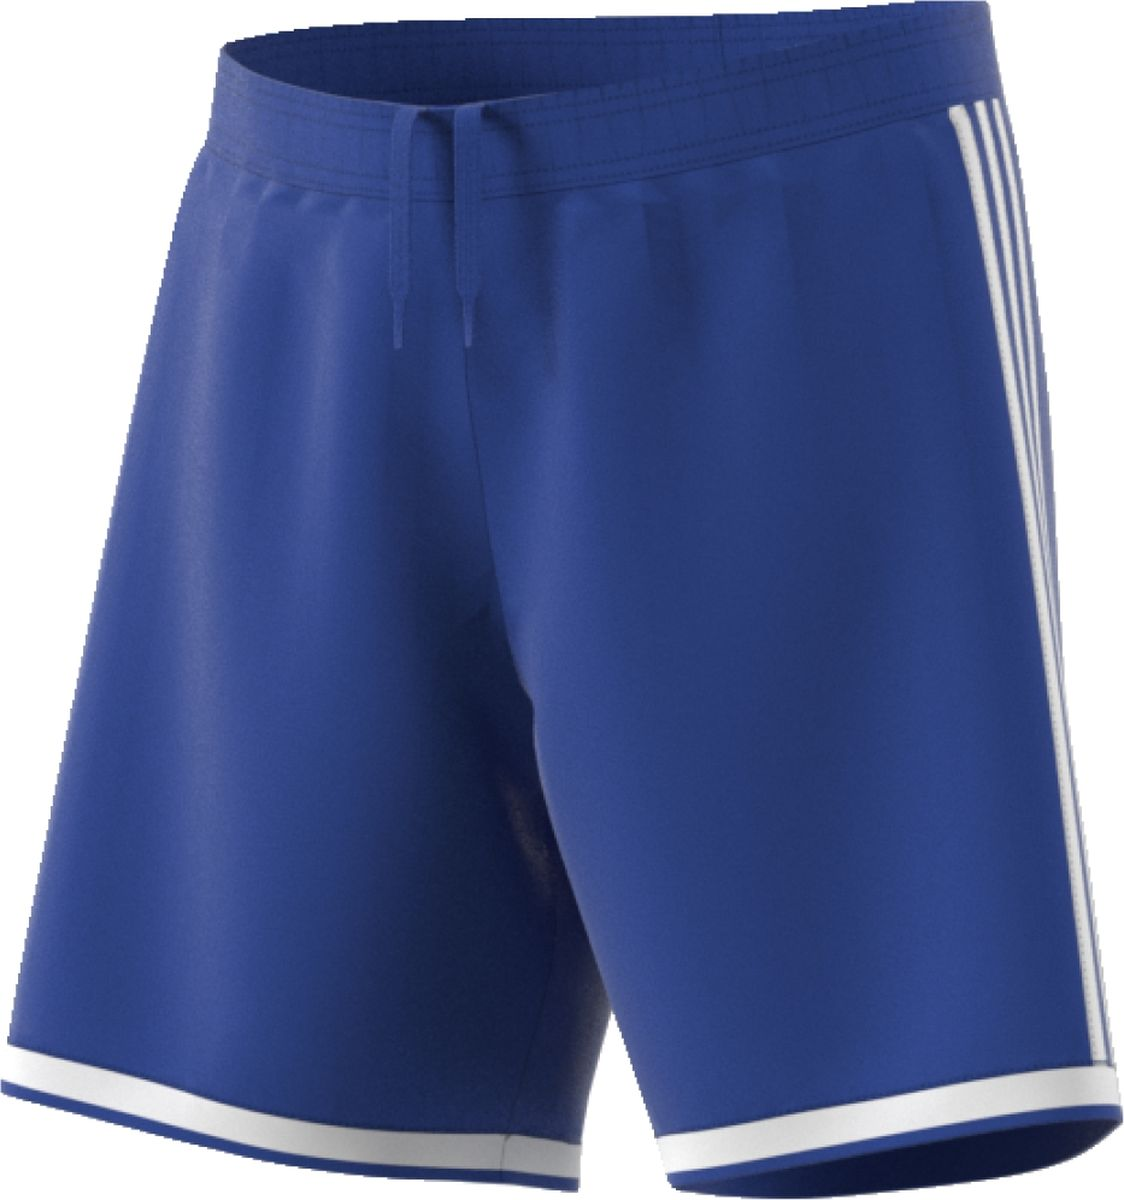 Шорты мужские Adidas Regista 18 Sho, цвет: голубой. CF9600. Размер L (52/54)CF9600Мужские спортивные шорты изготовлены из полиэстера с влагоотводящей технологией, обеспечивая сухость и комфорт во время тренировки. Модель свободного кроя с эластичным поясом. По нижнему краю изделие оформлено контрастными полосками.